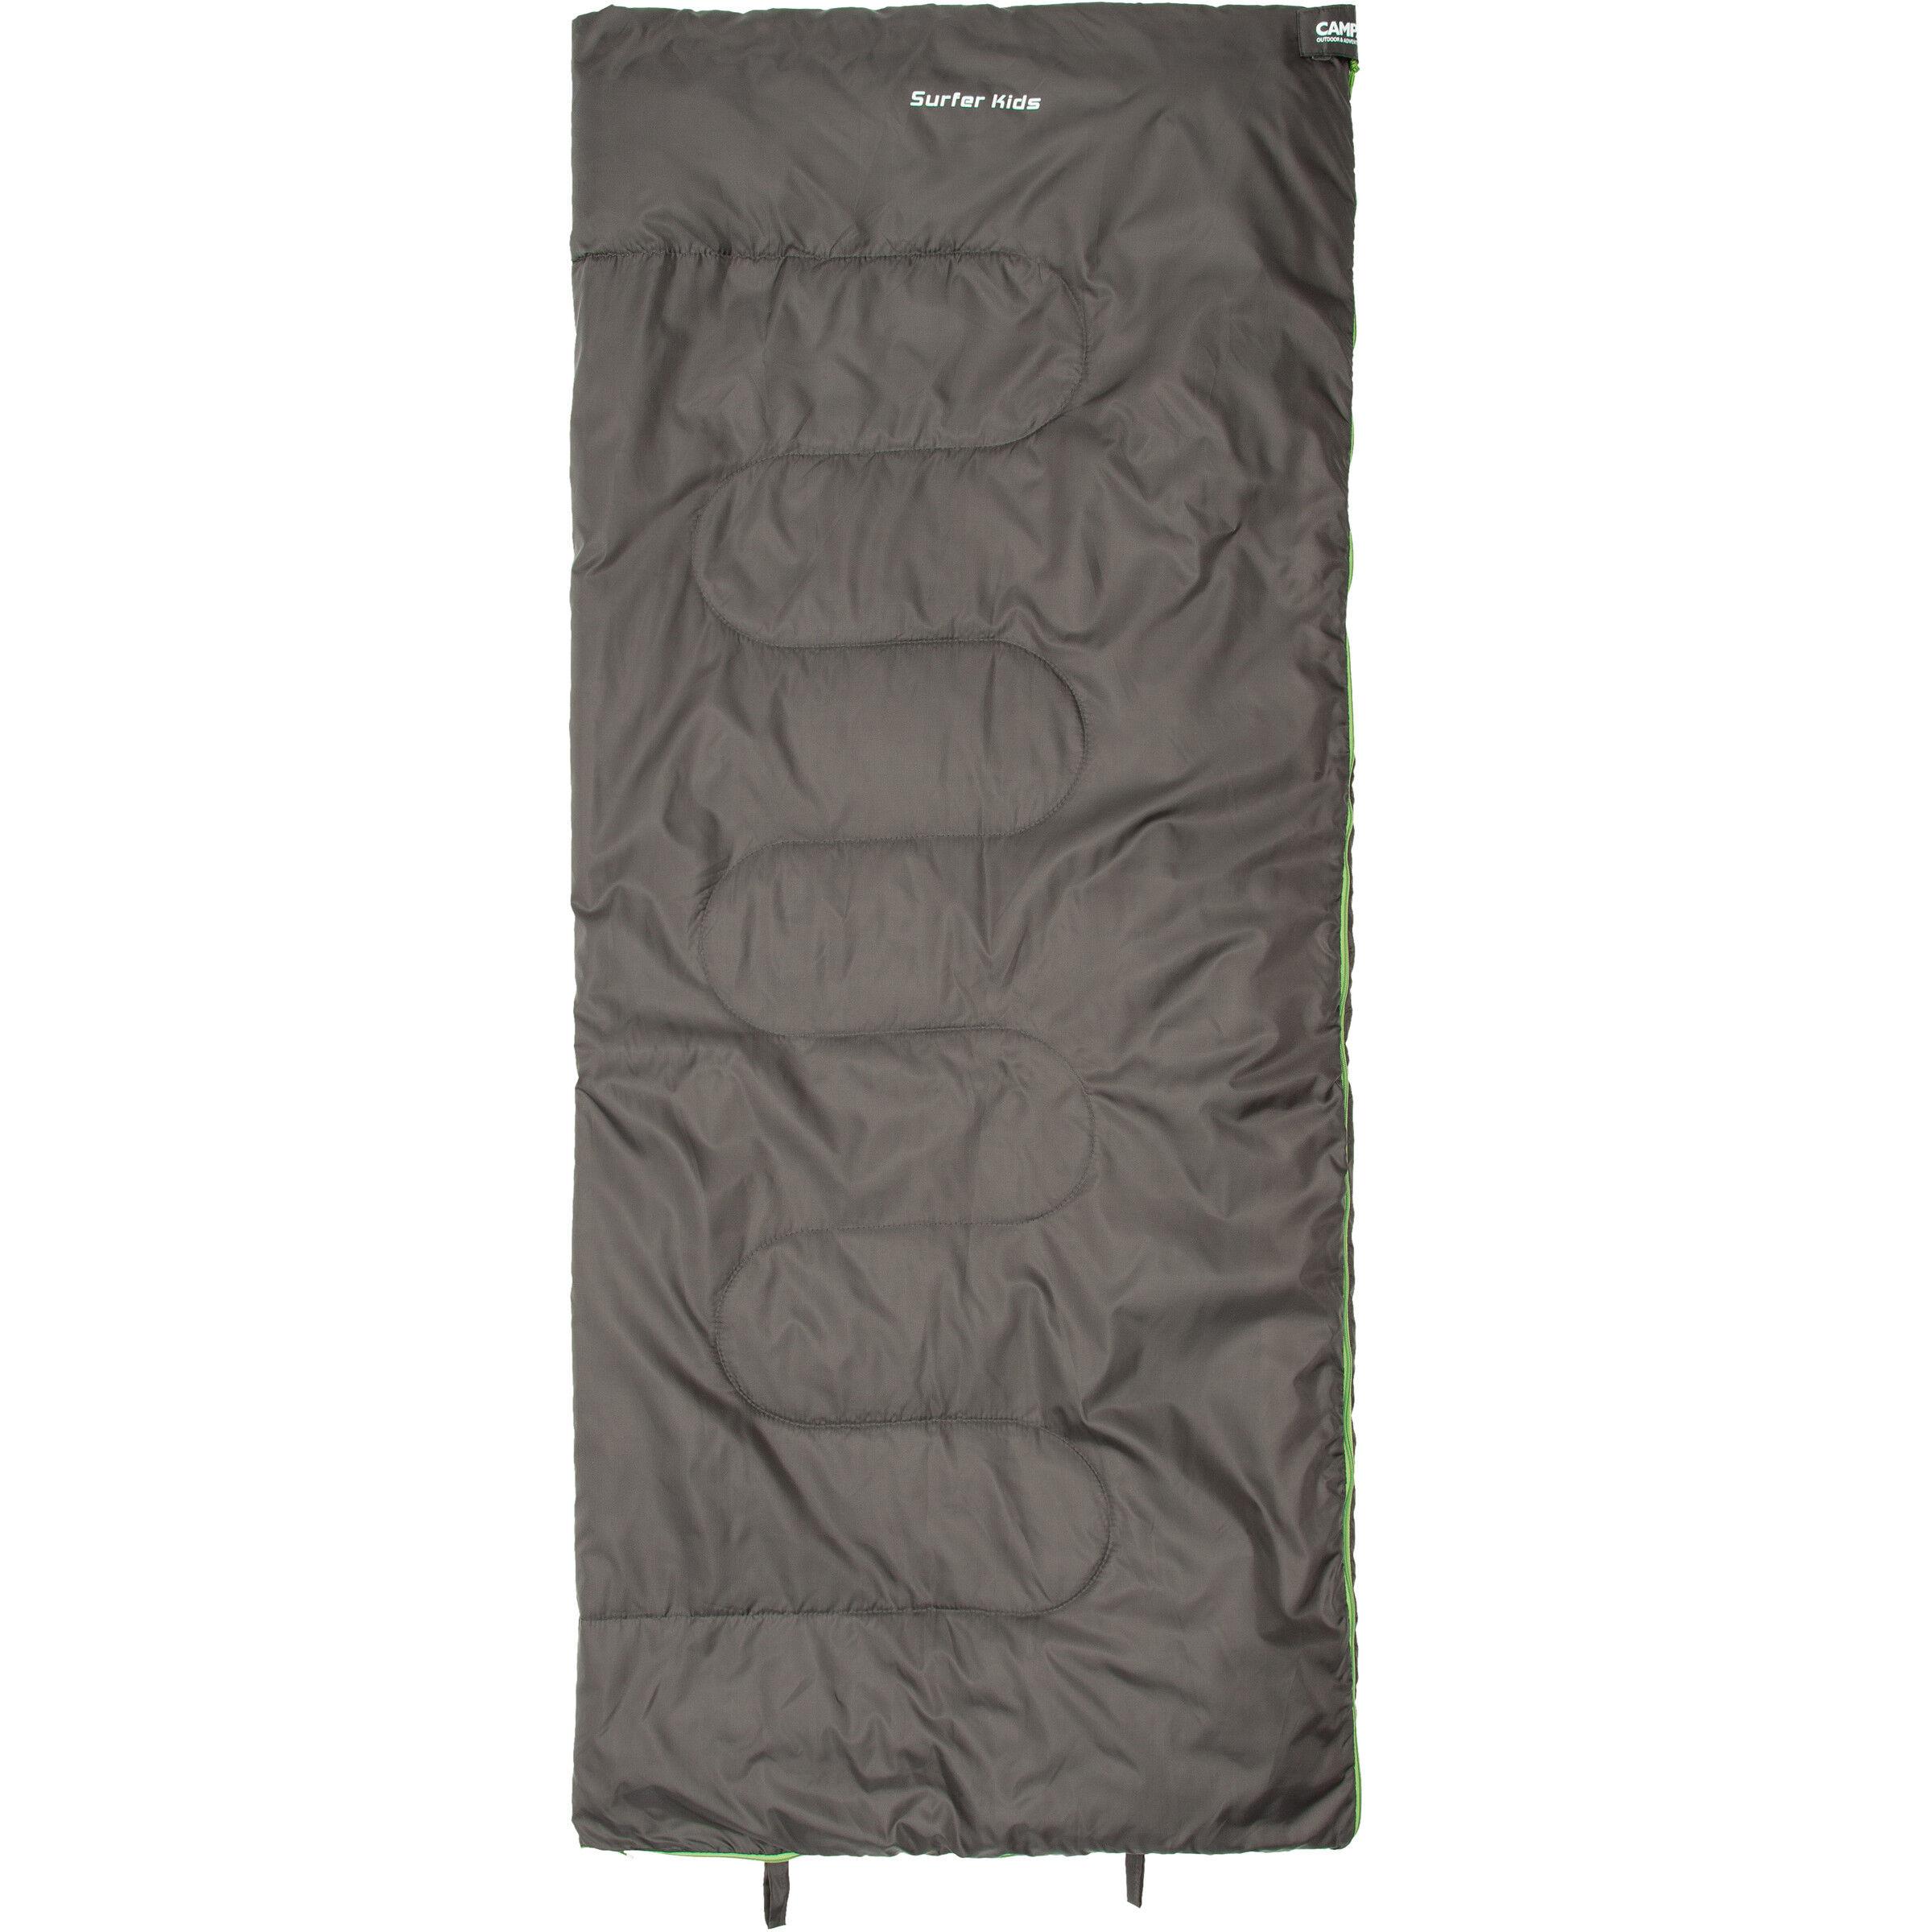 AIRFLAKE PONCHO titanium | Jack Wolfskin Sleeping bags — E Desa